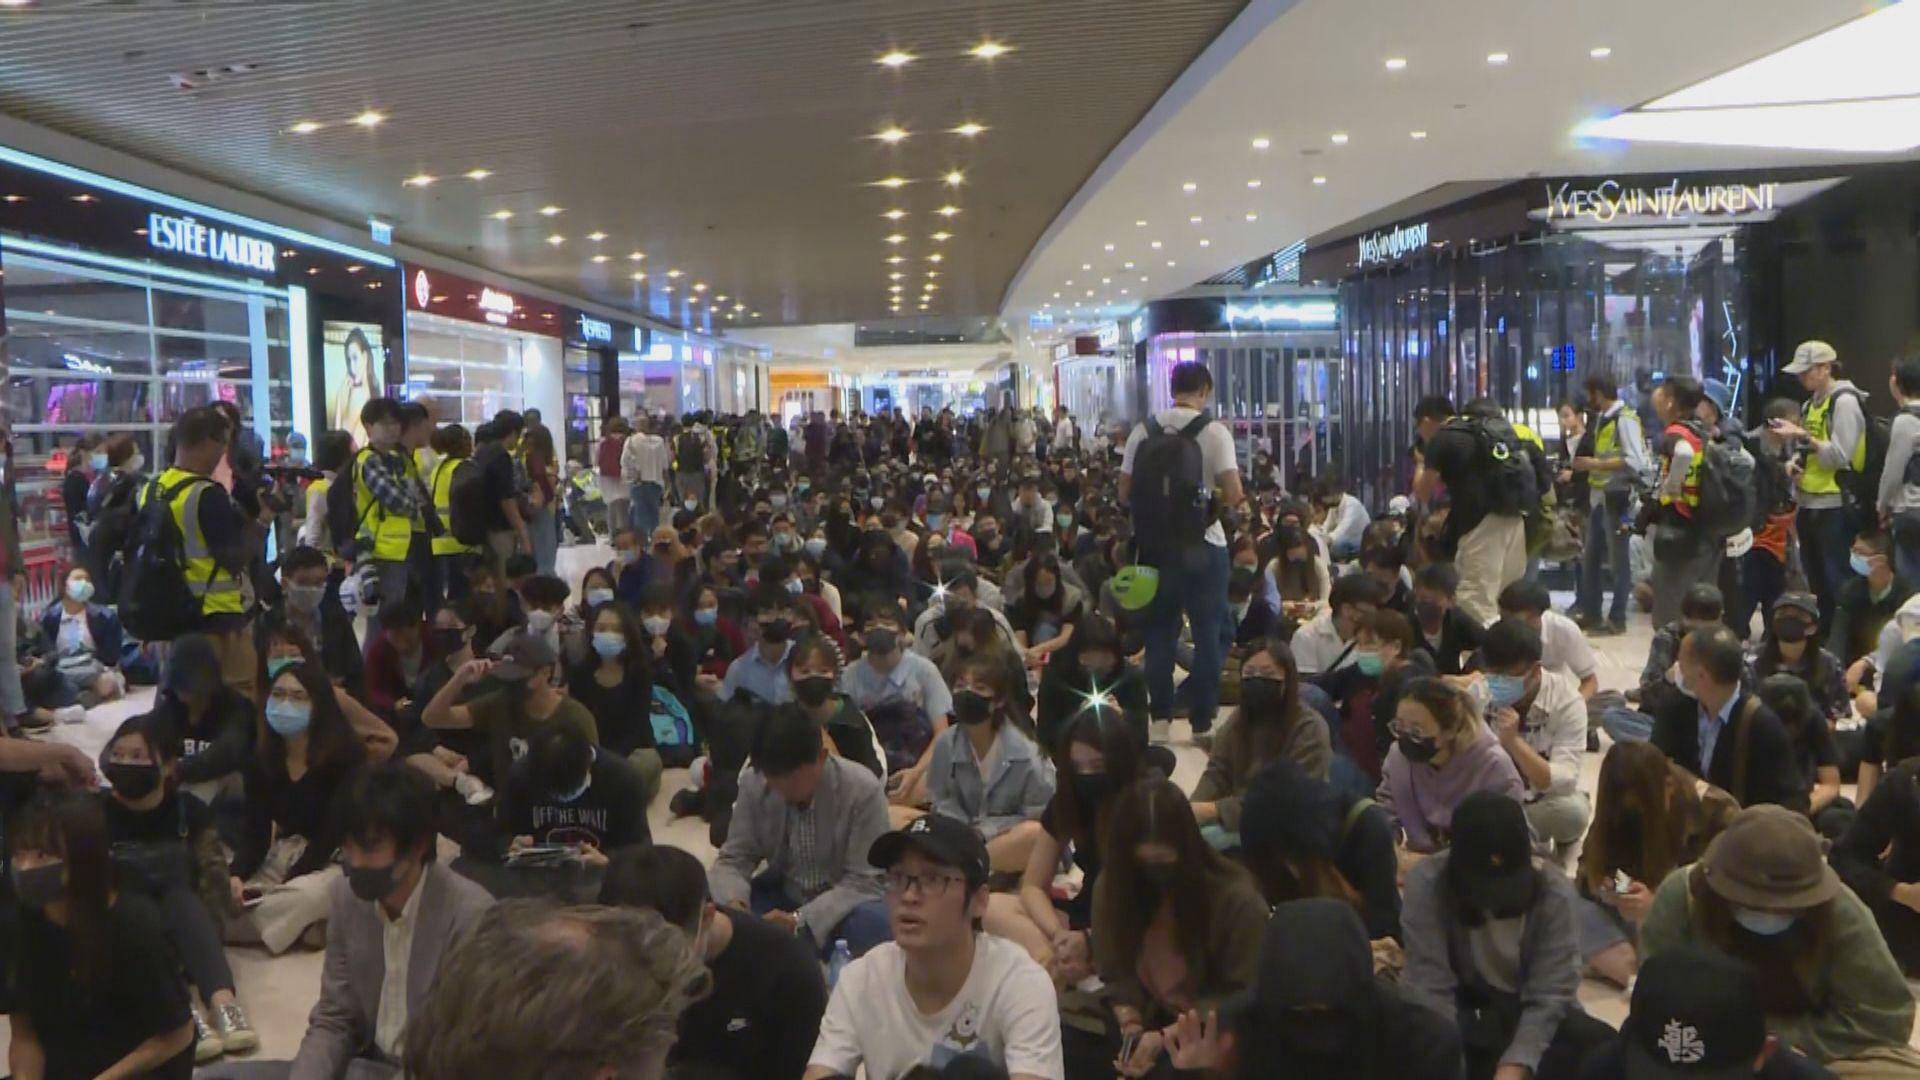 721四個月 過百人在元朗商場聚集抗議